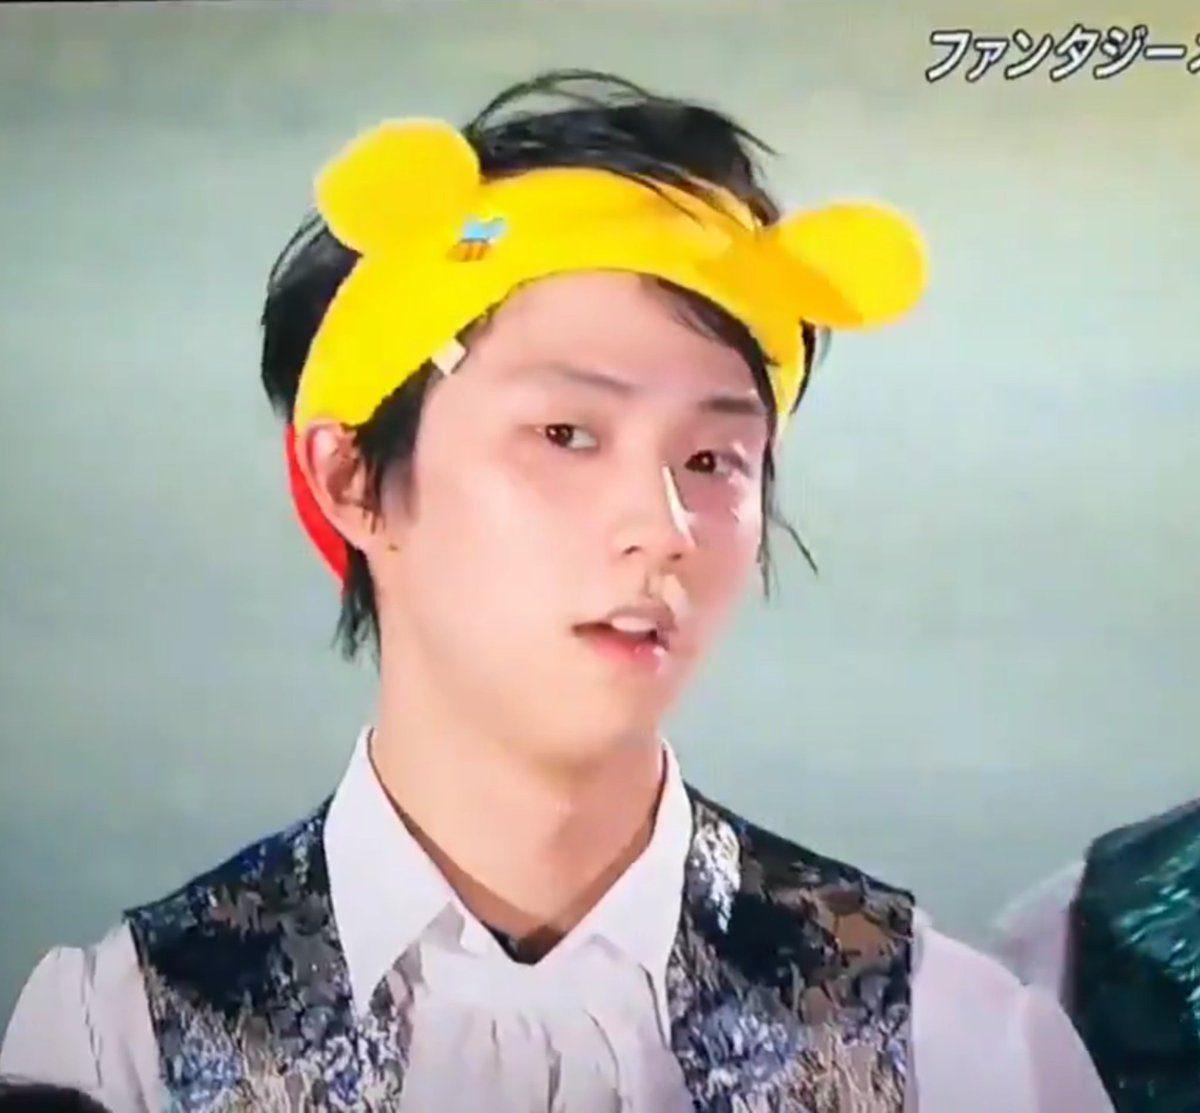 YuzuNews del 3 giugno 2018: Fantasy on Ice 2018 in Kanazawa Day 3, Trasmissione integrale dello show